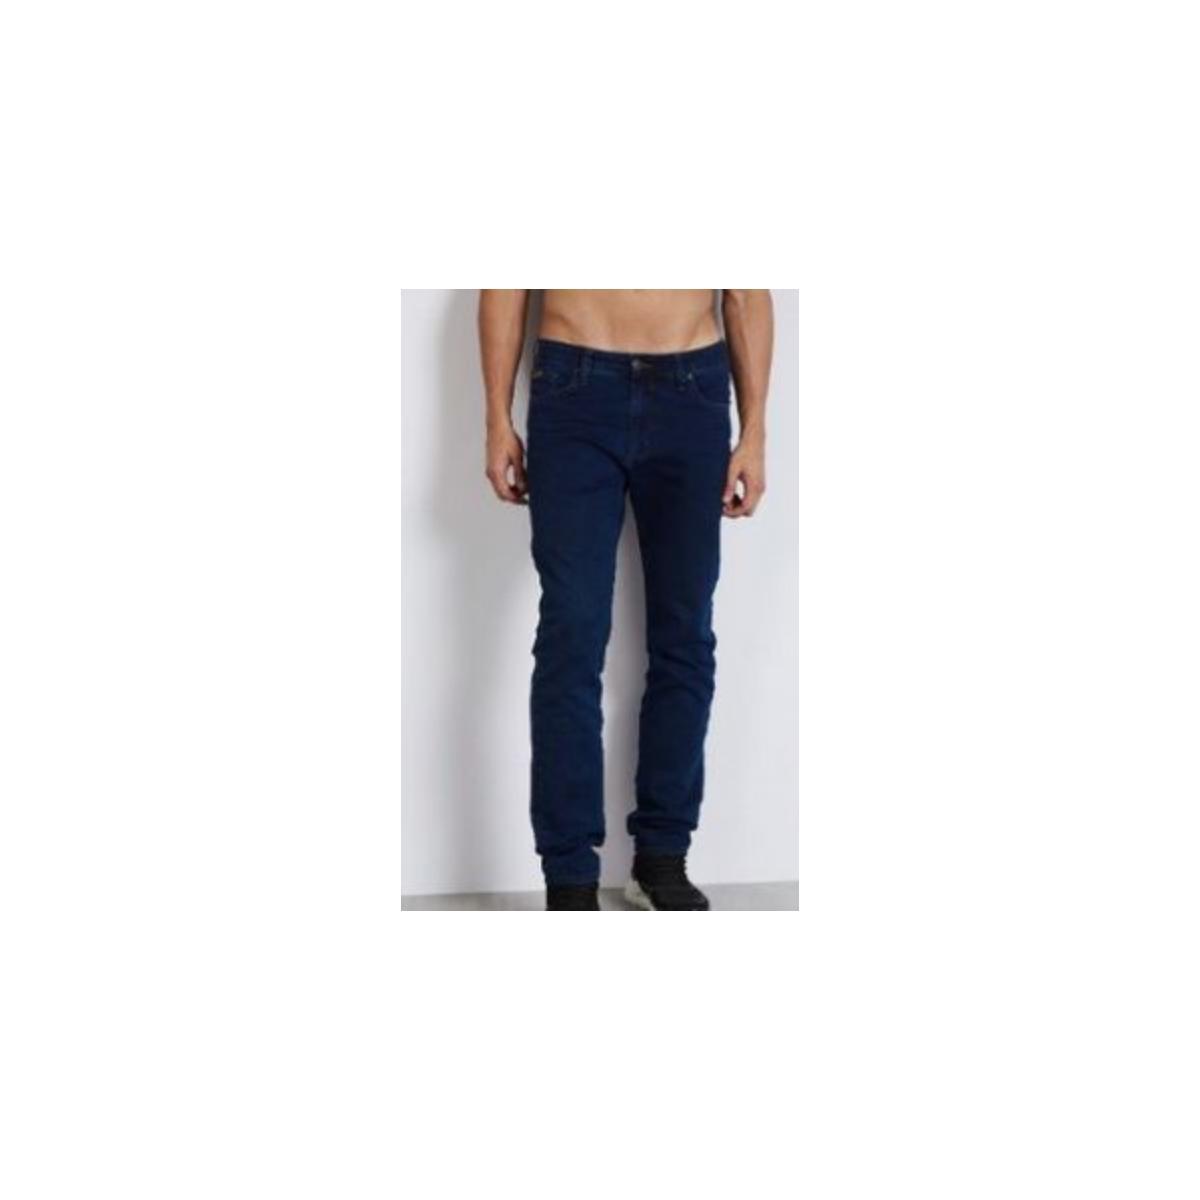 Calça Masculina Colcci 10106377 600 Jeans